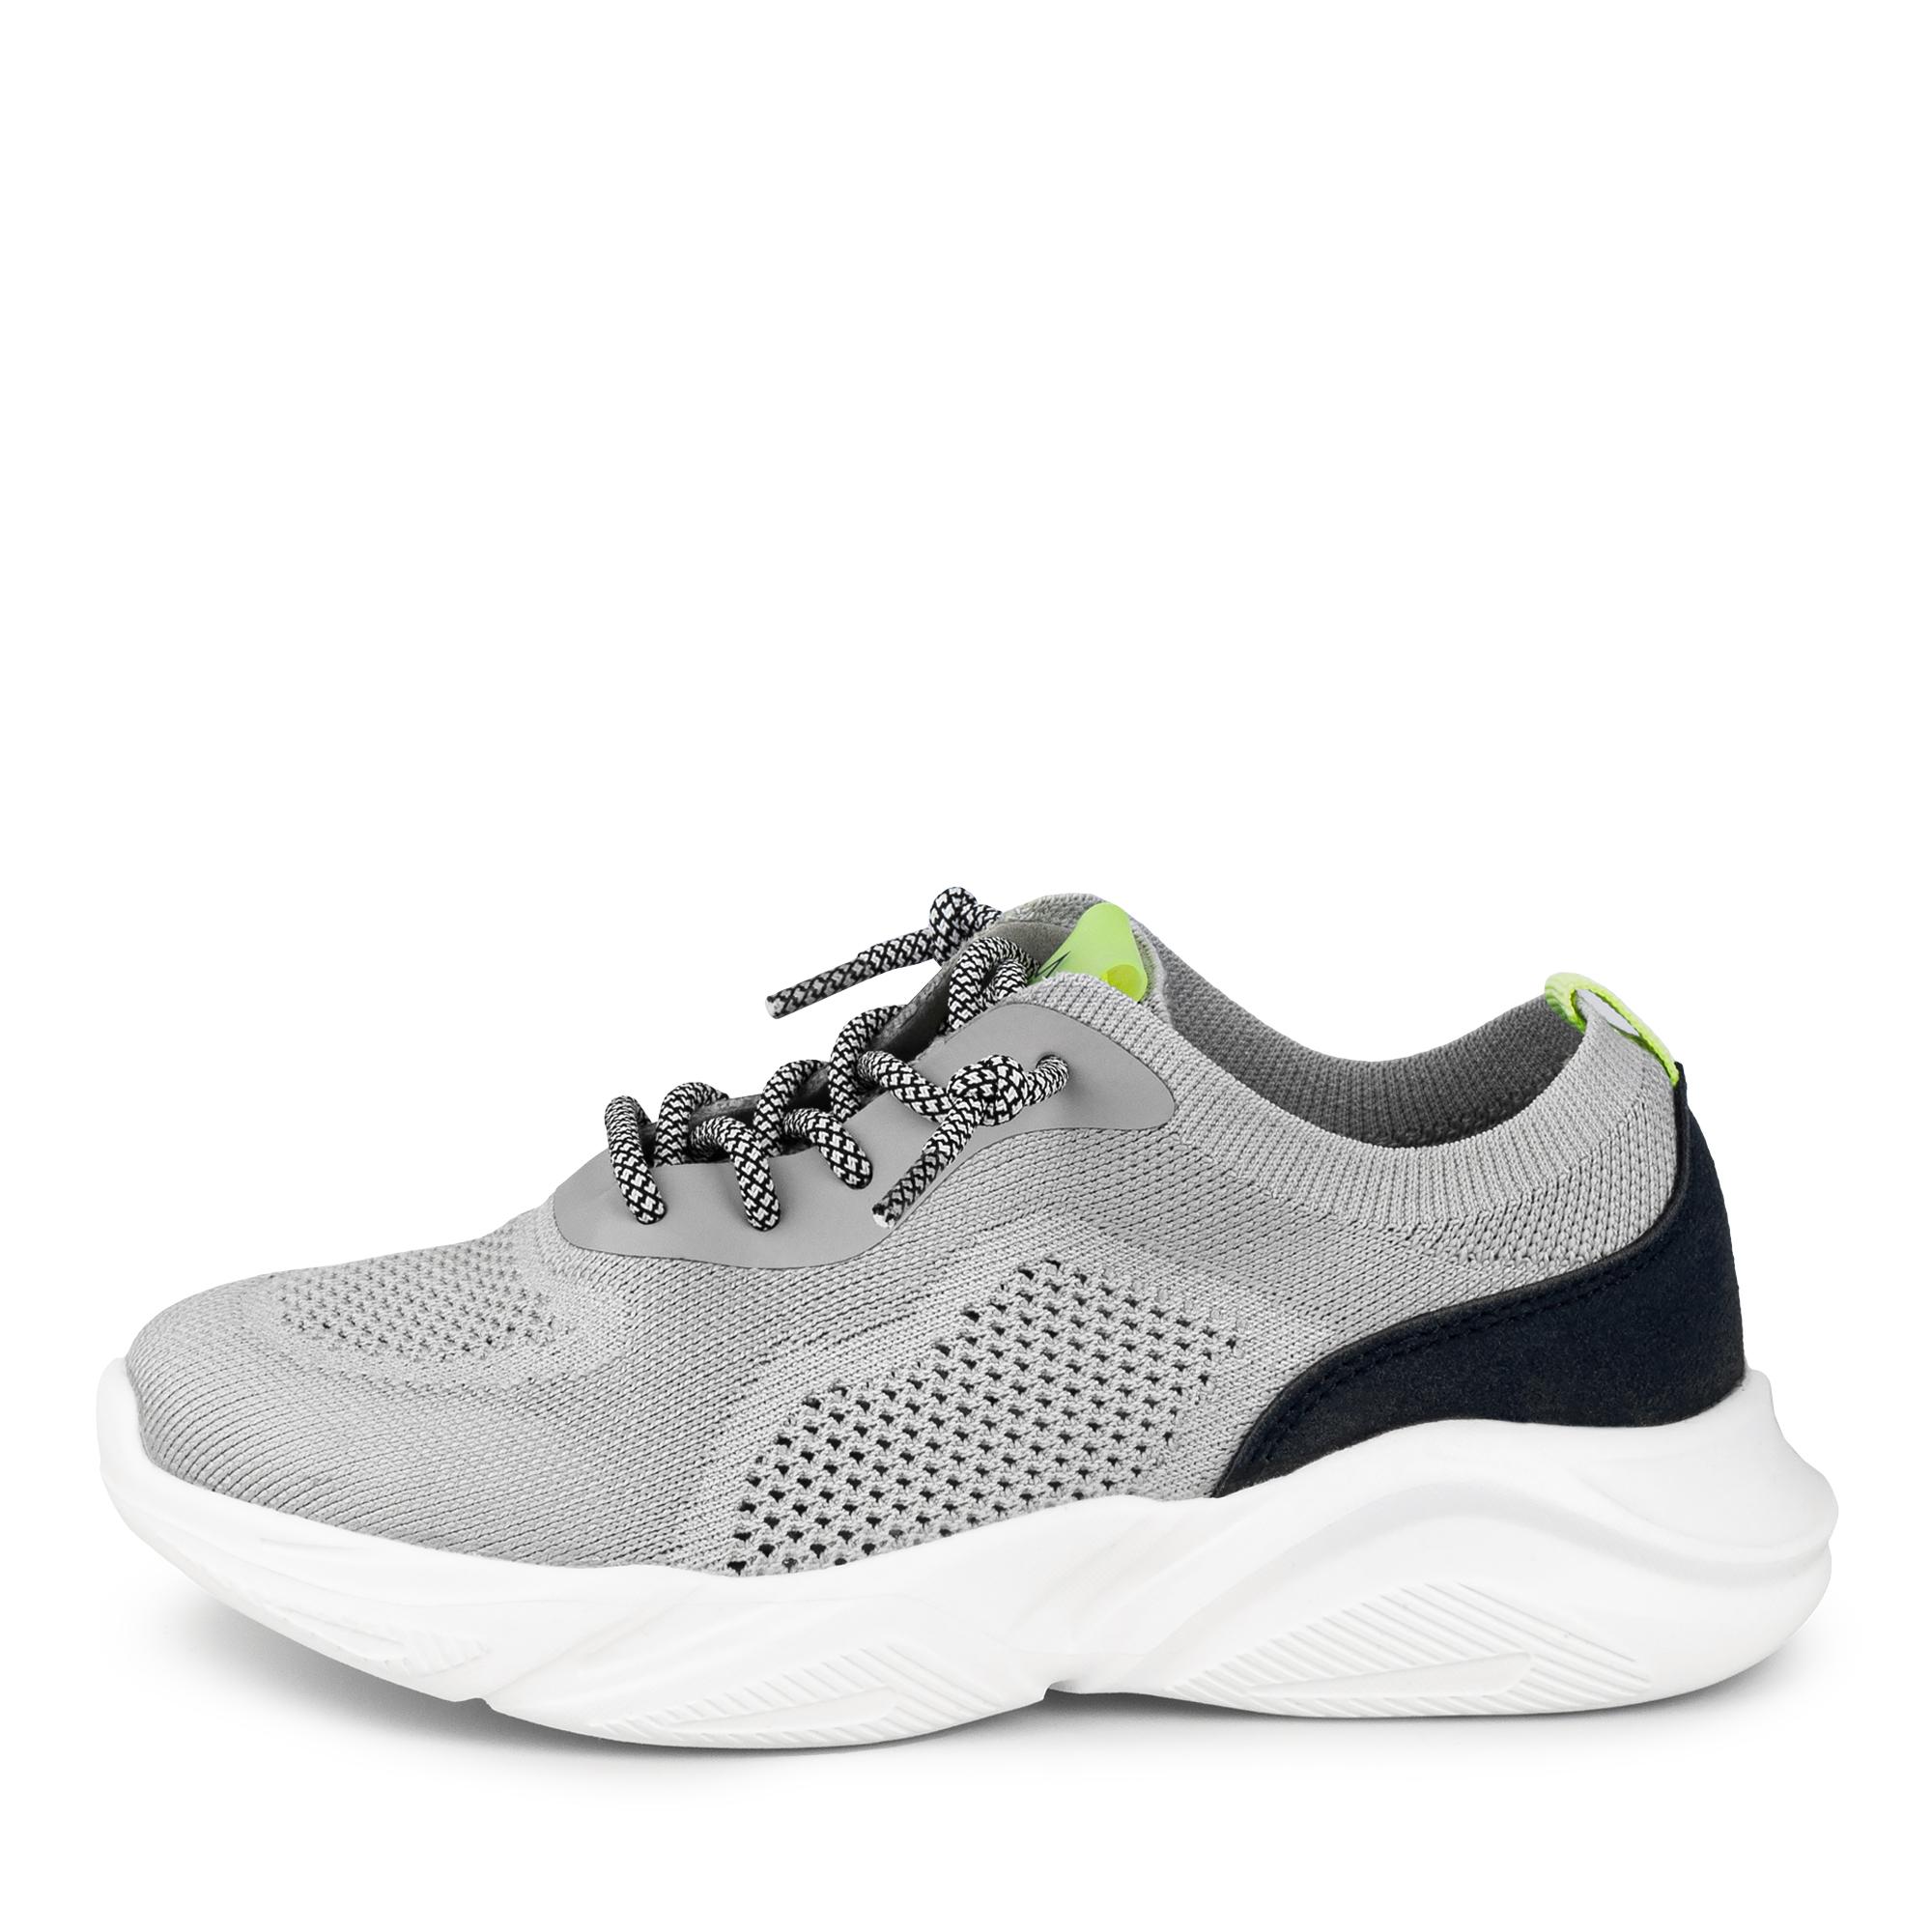 Обувь для мальчиков MUNZ YOUNG 018-065A-9210